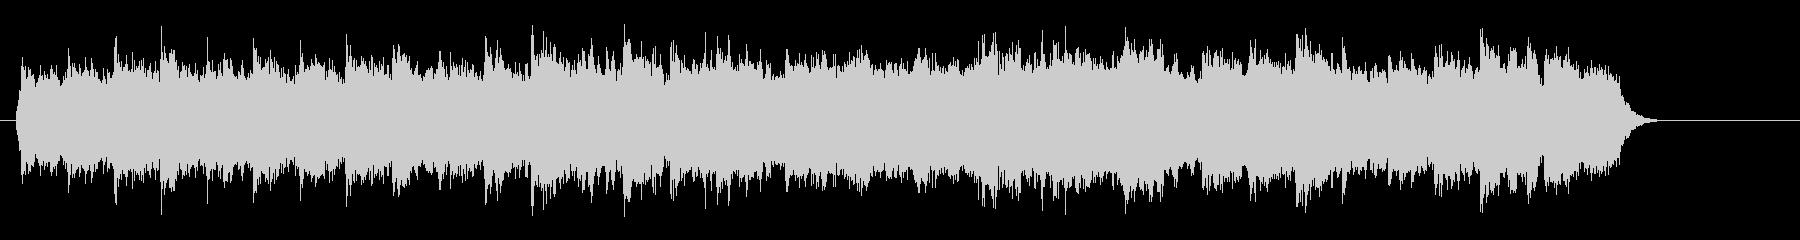 簡素なピアノ・クラシック風の未再生の波形